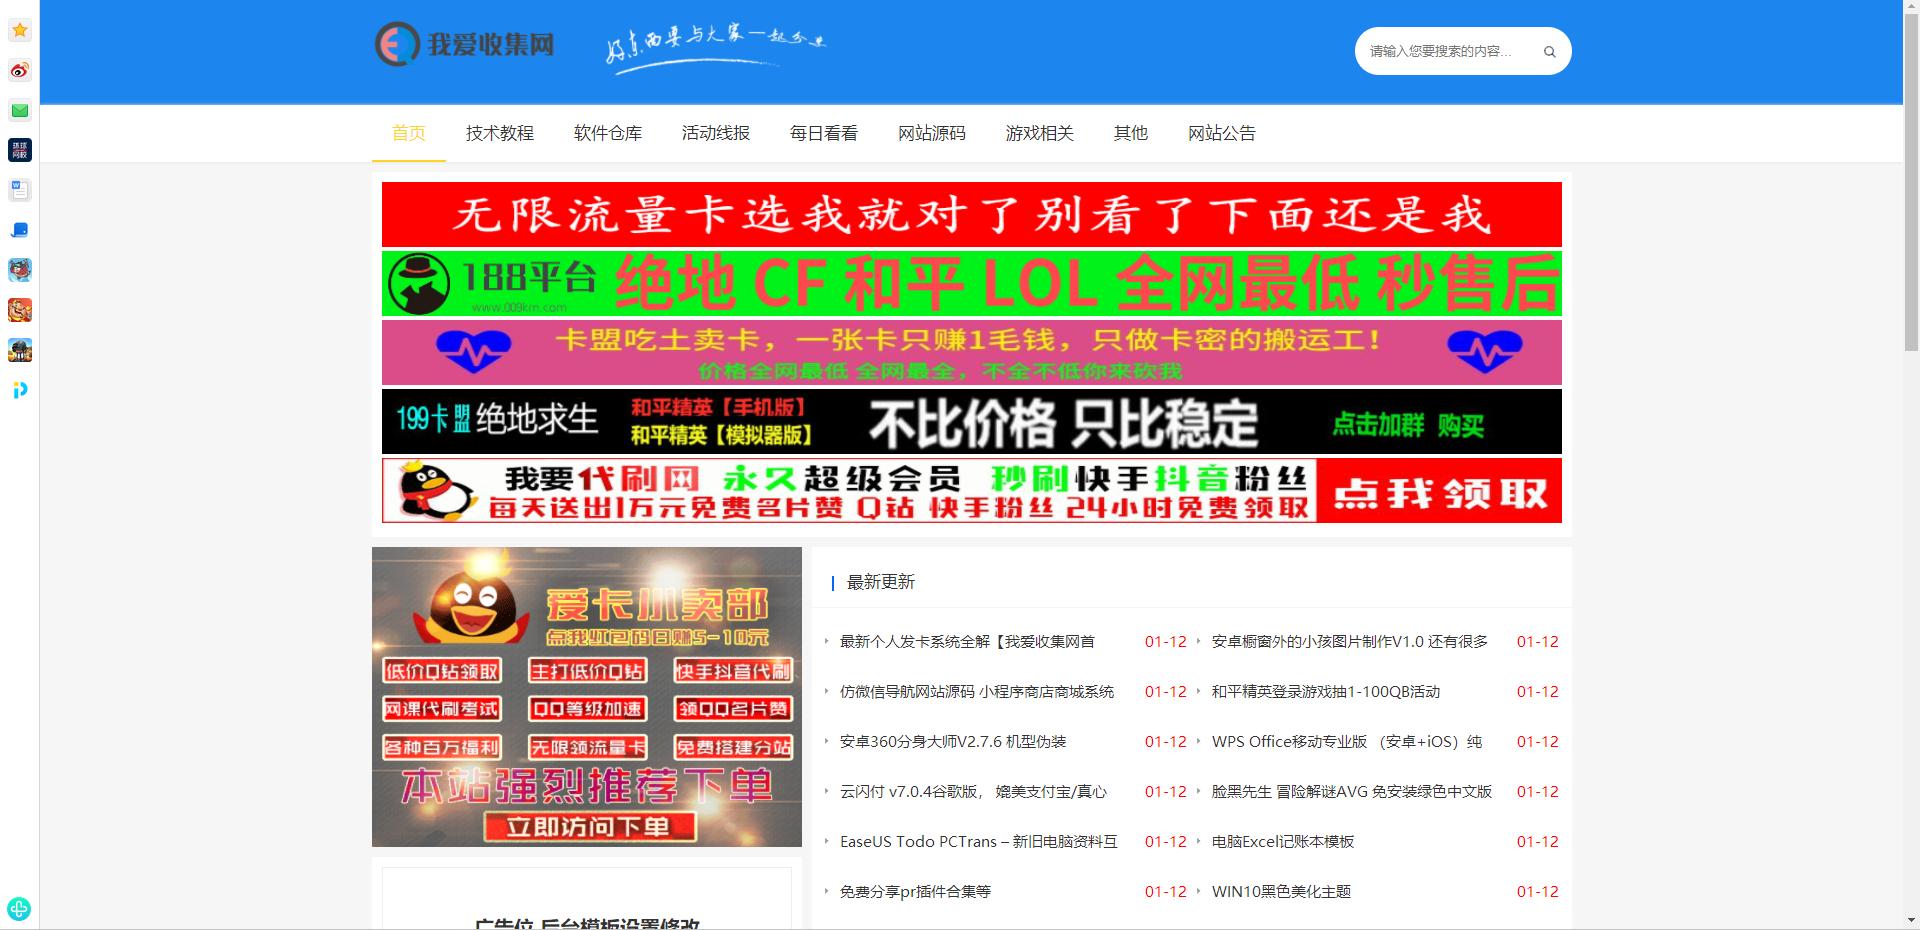 Emlog新仿小刀娱乐网简约大气资源分享站模板